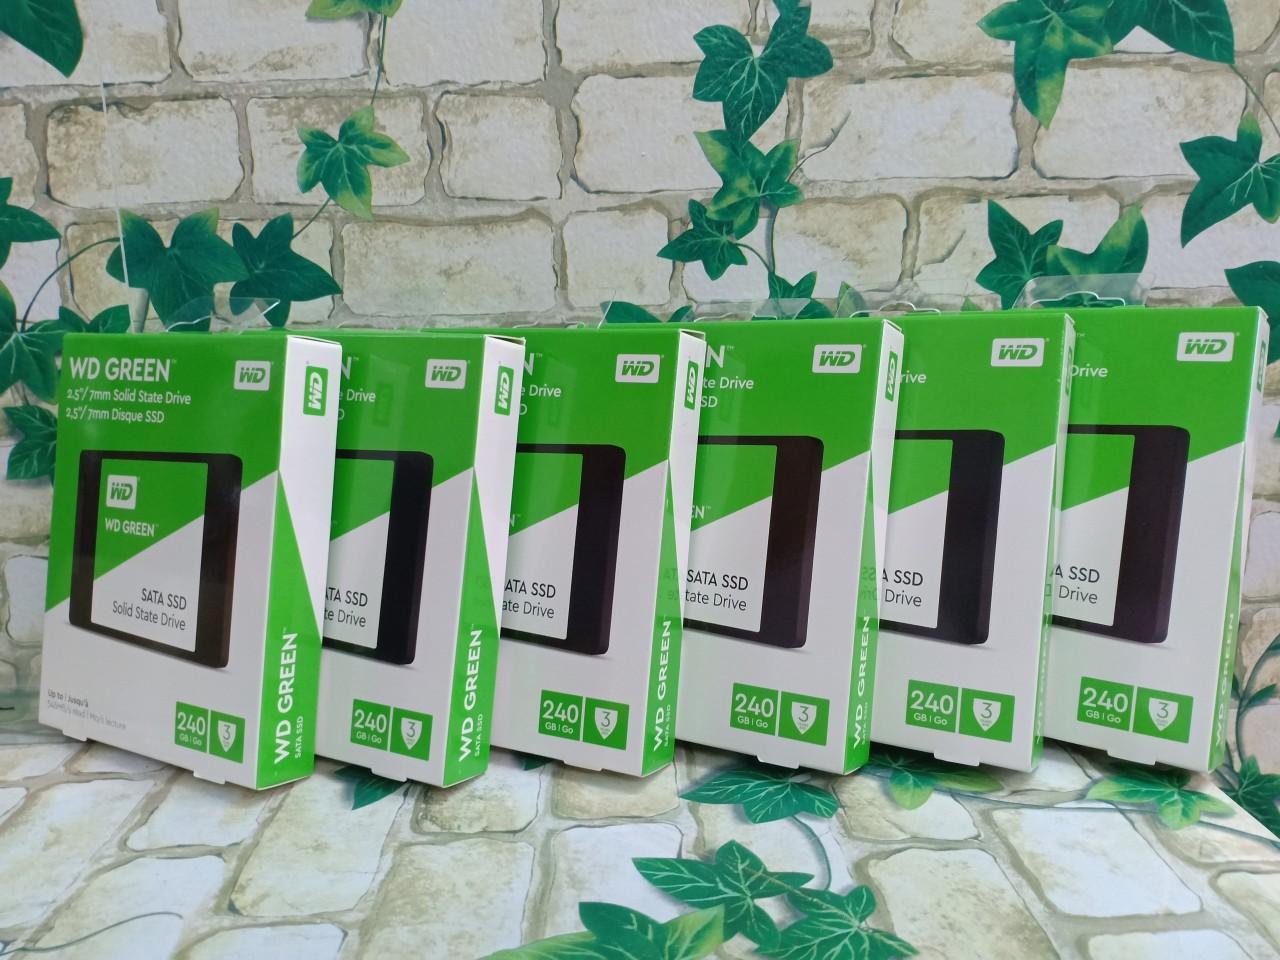 [Entershop] chuyên thẻ nhớ, usb, ổ cứng di động 500gb , 1000gb, 2T, 4T - 16